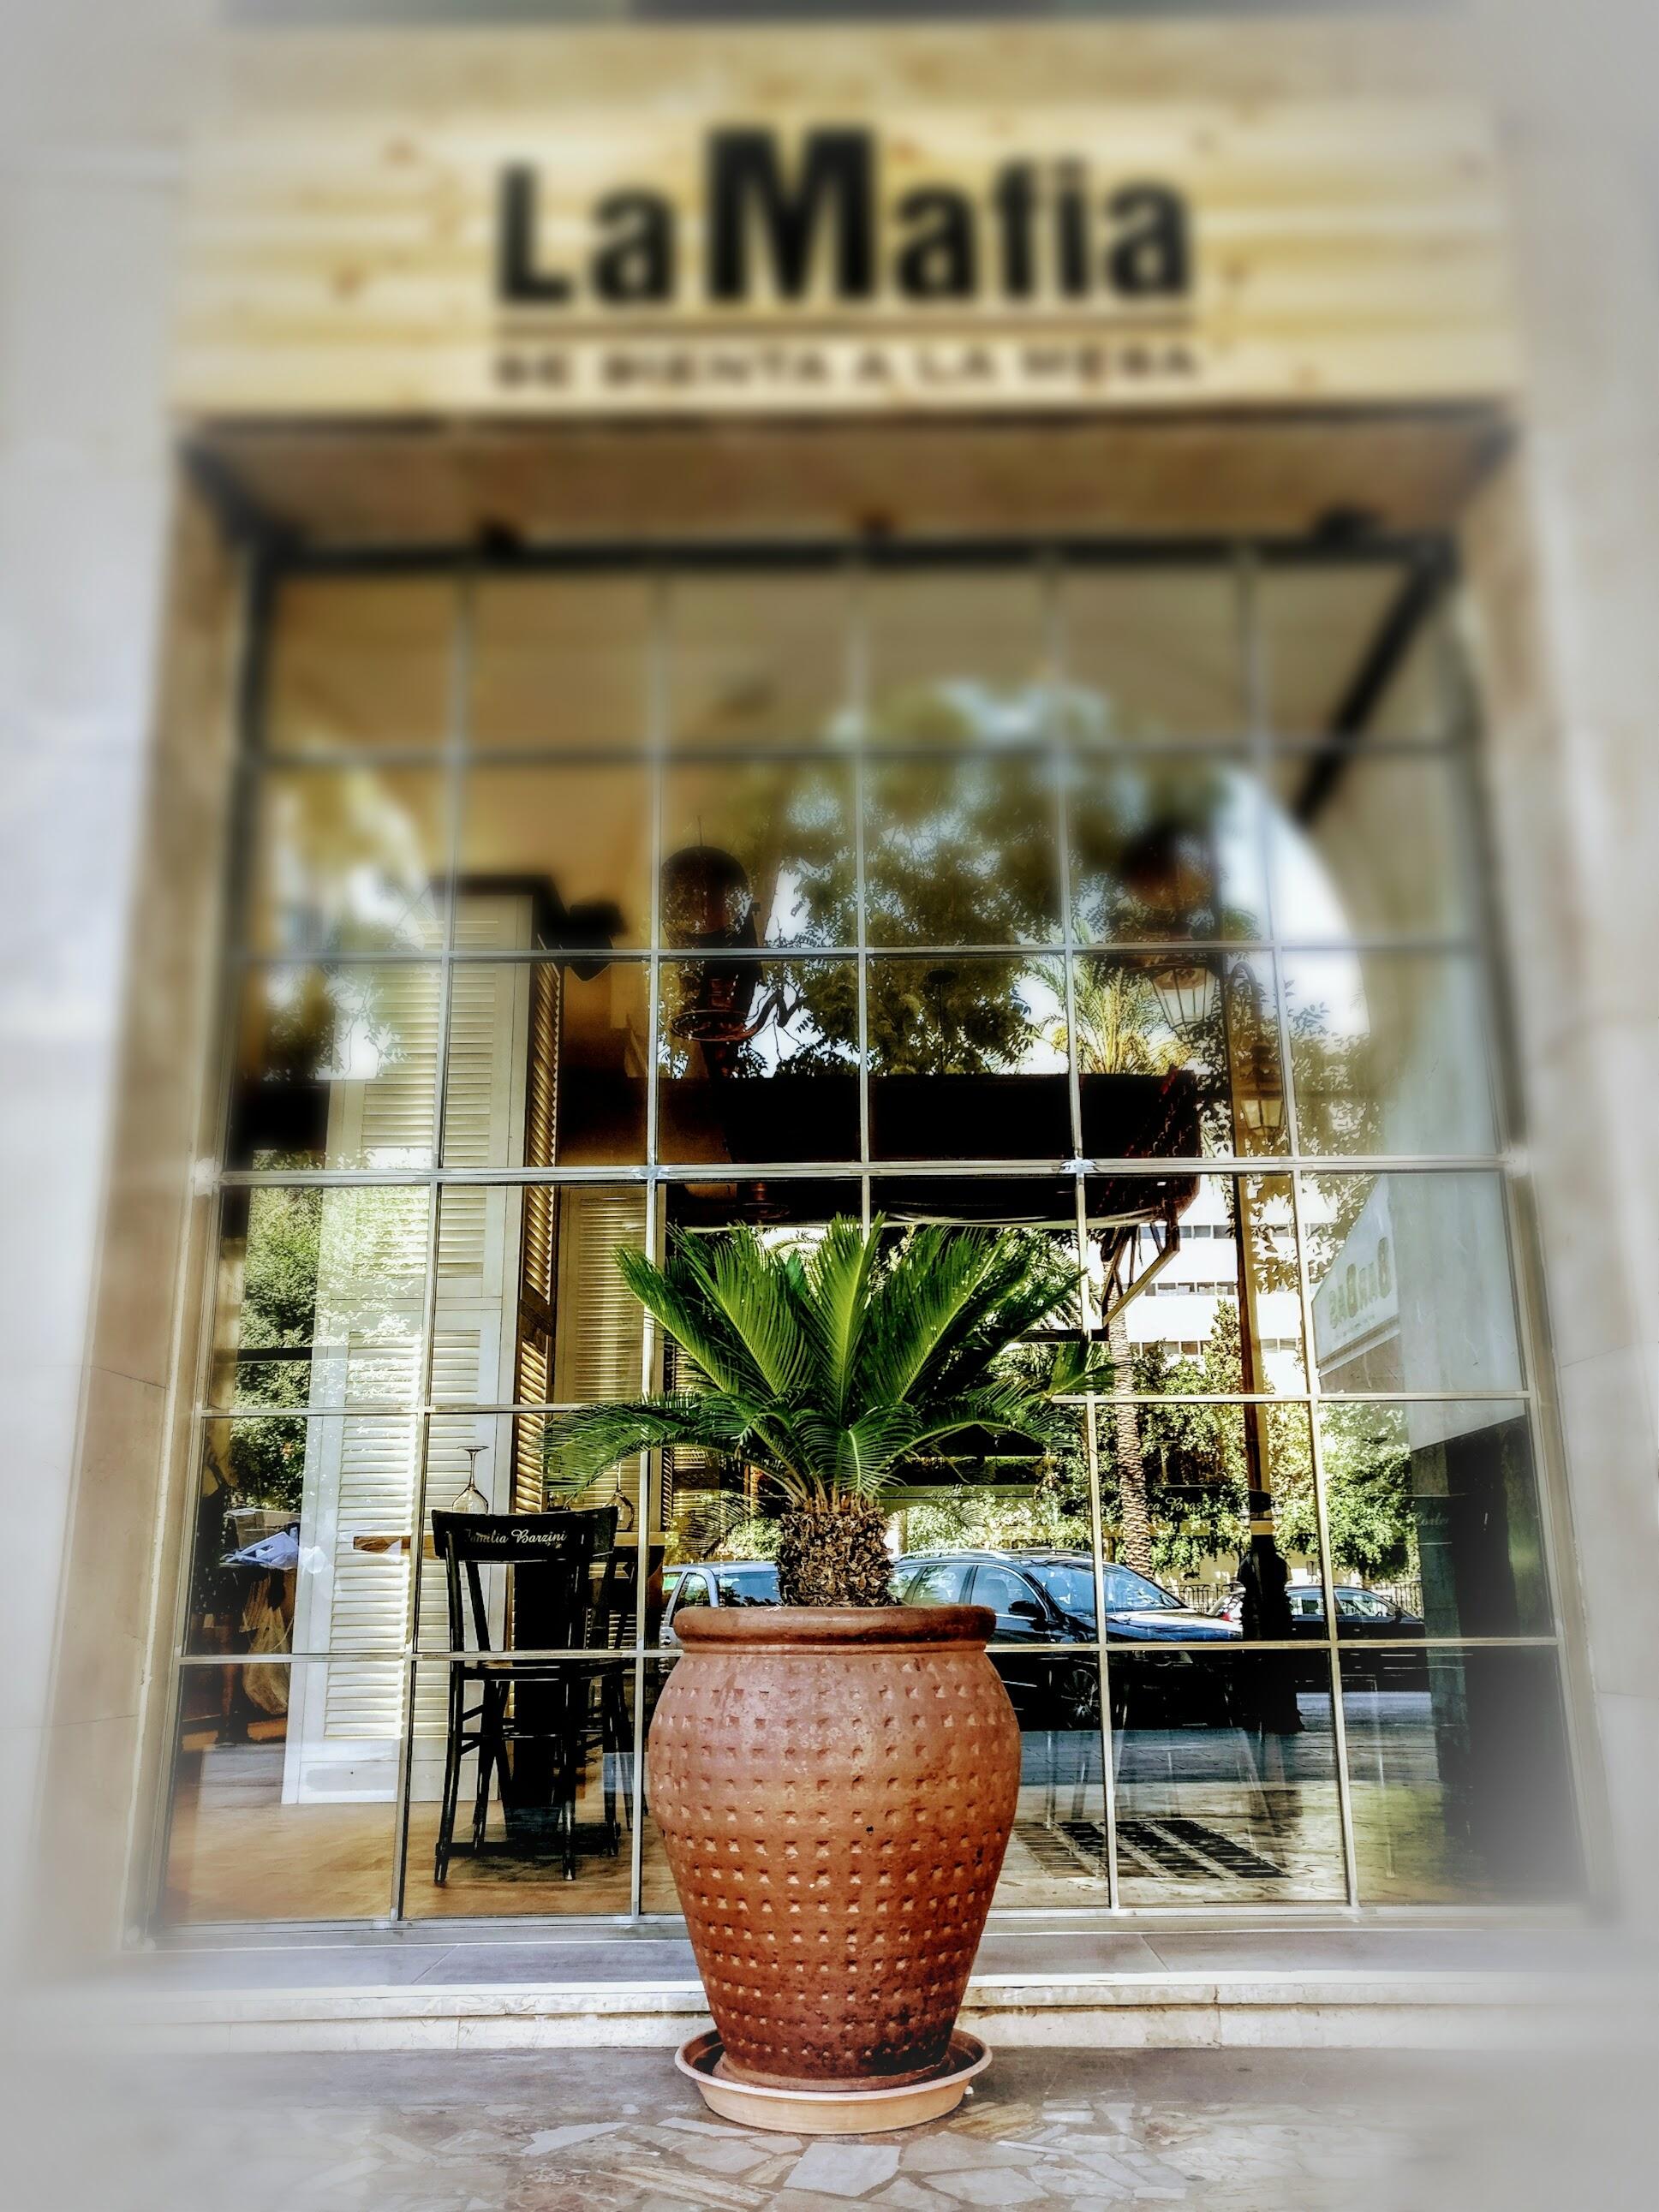 2017 07 29 12.08.50 - La Mafia se sienta a la mesa inauguró su restaurante en el centro de Palma